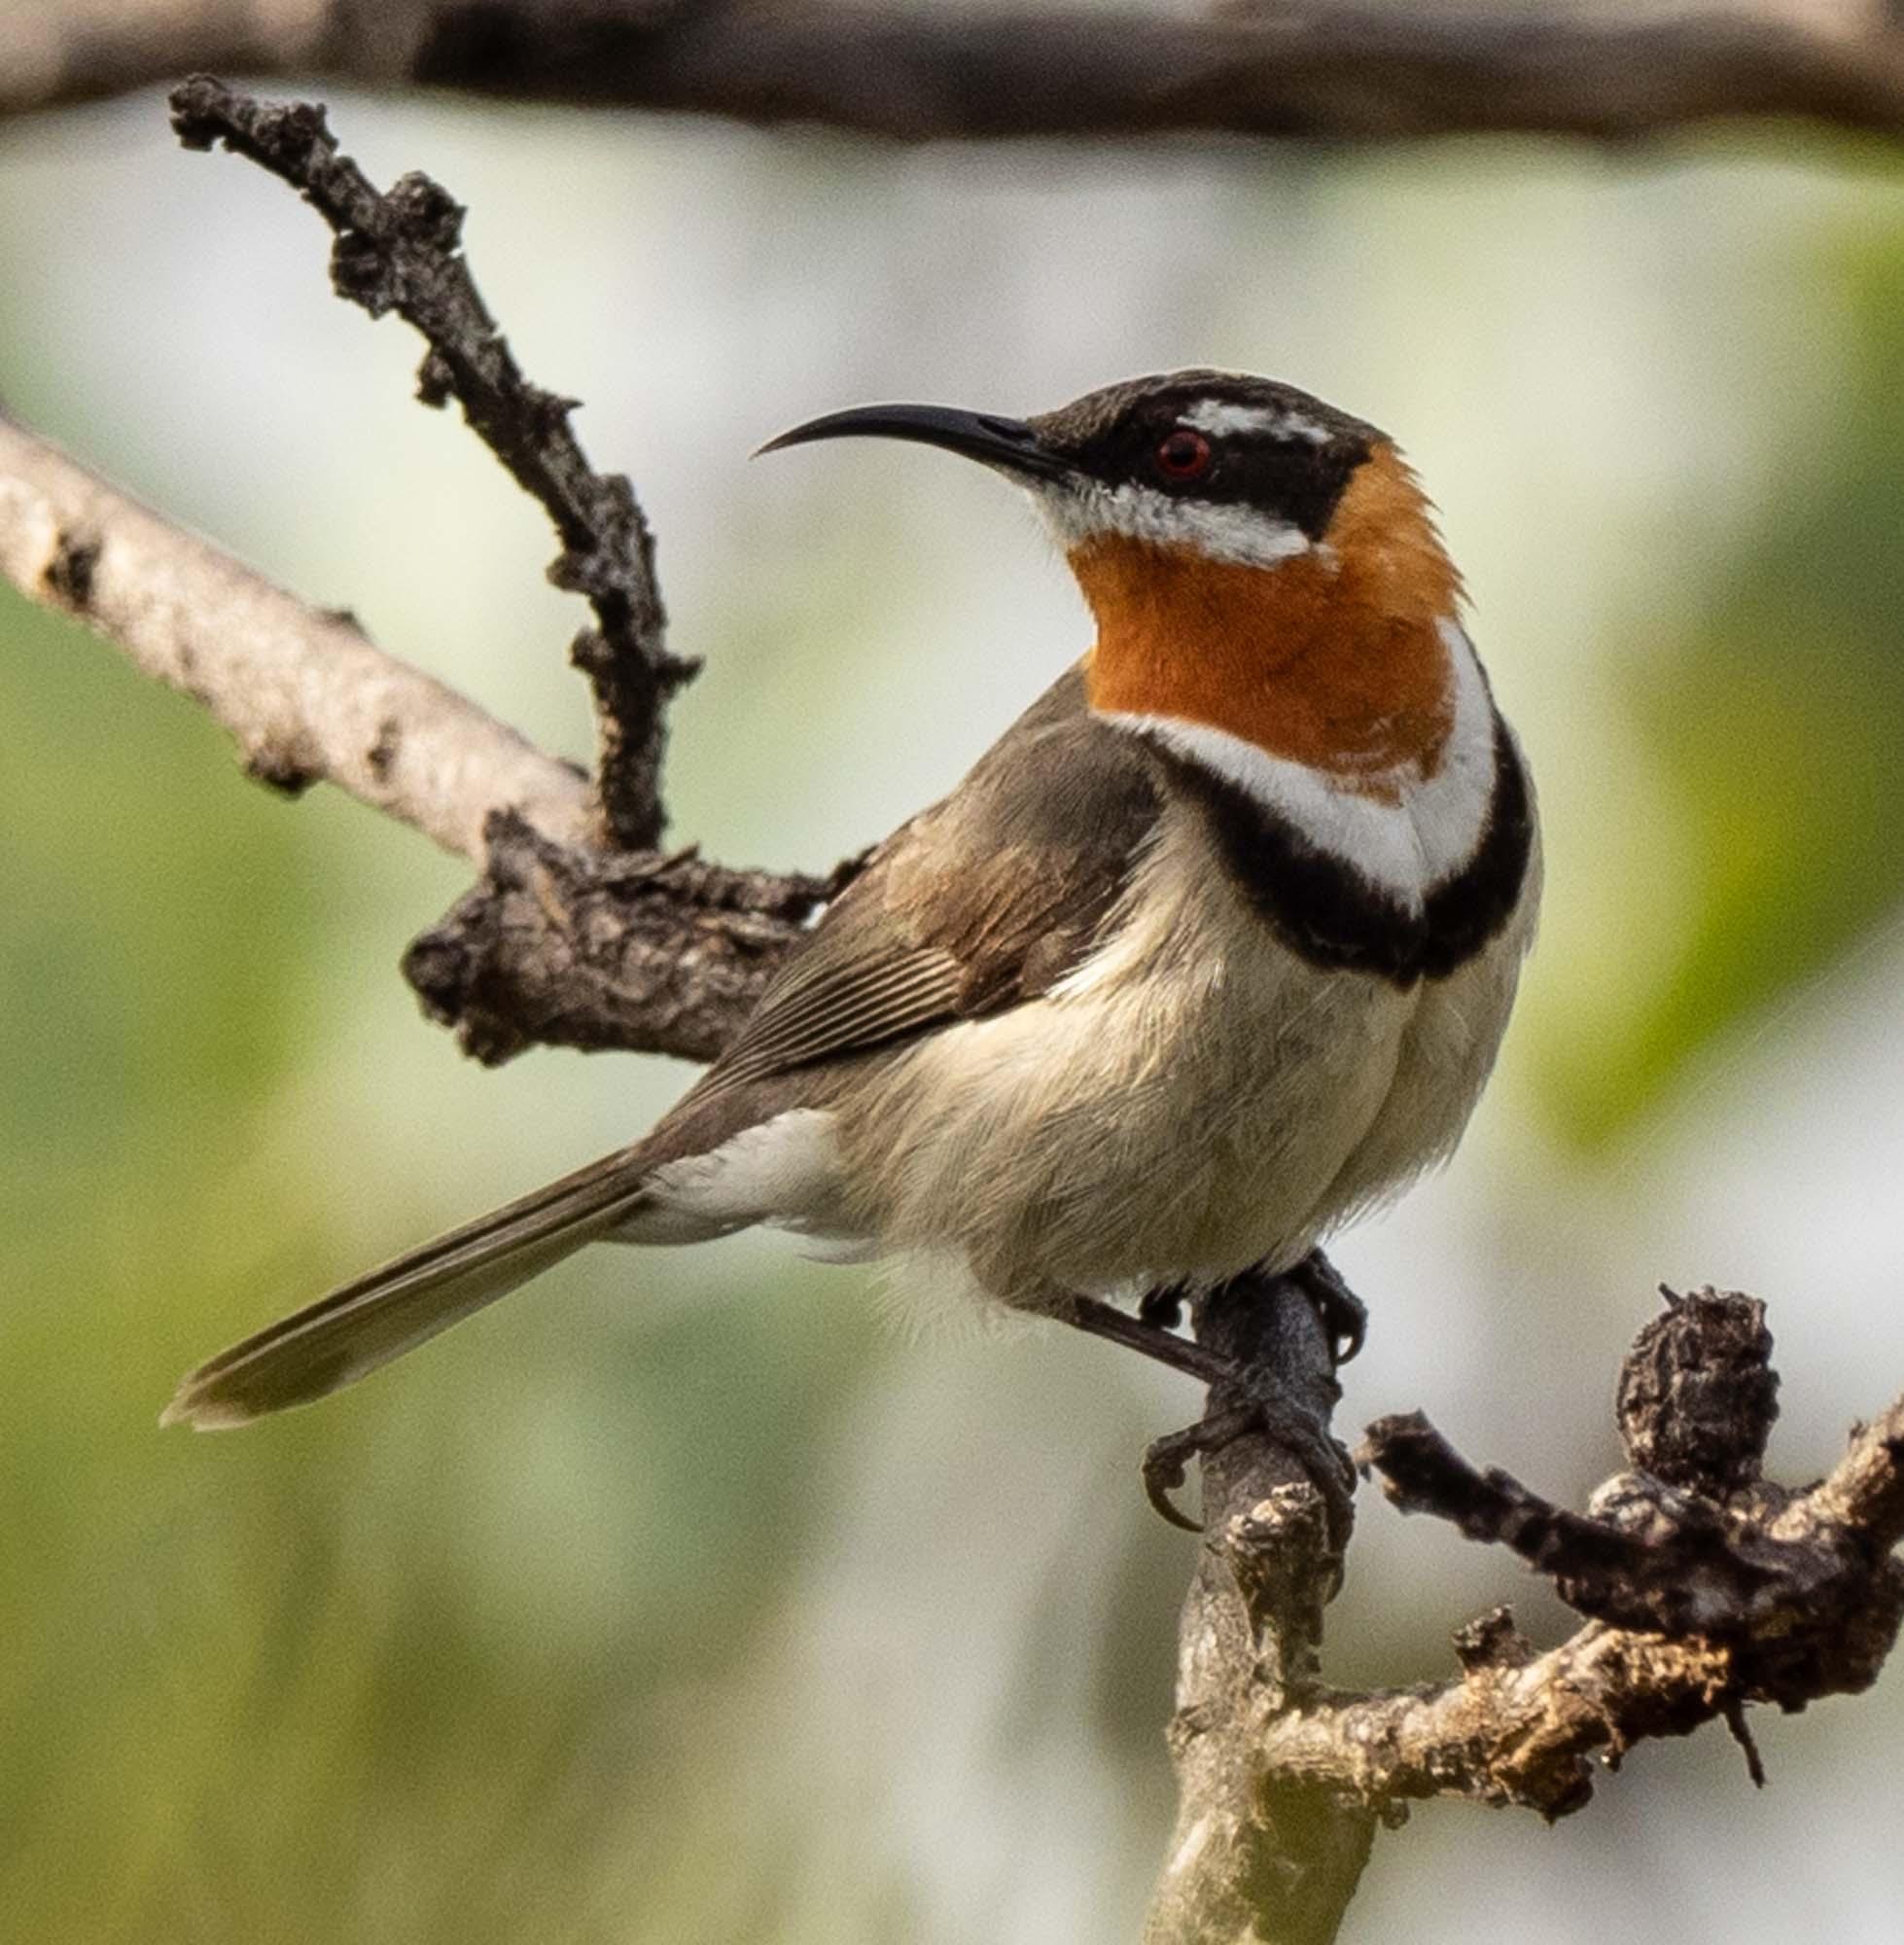 Western Spinebill - male